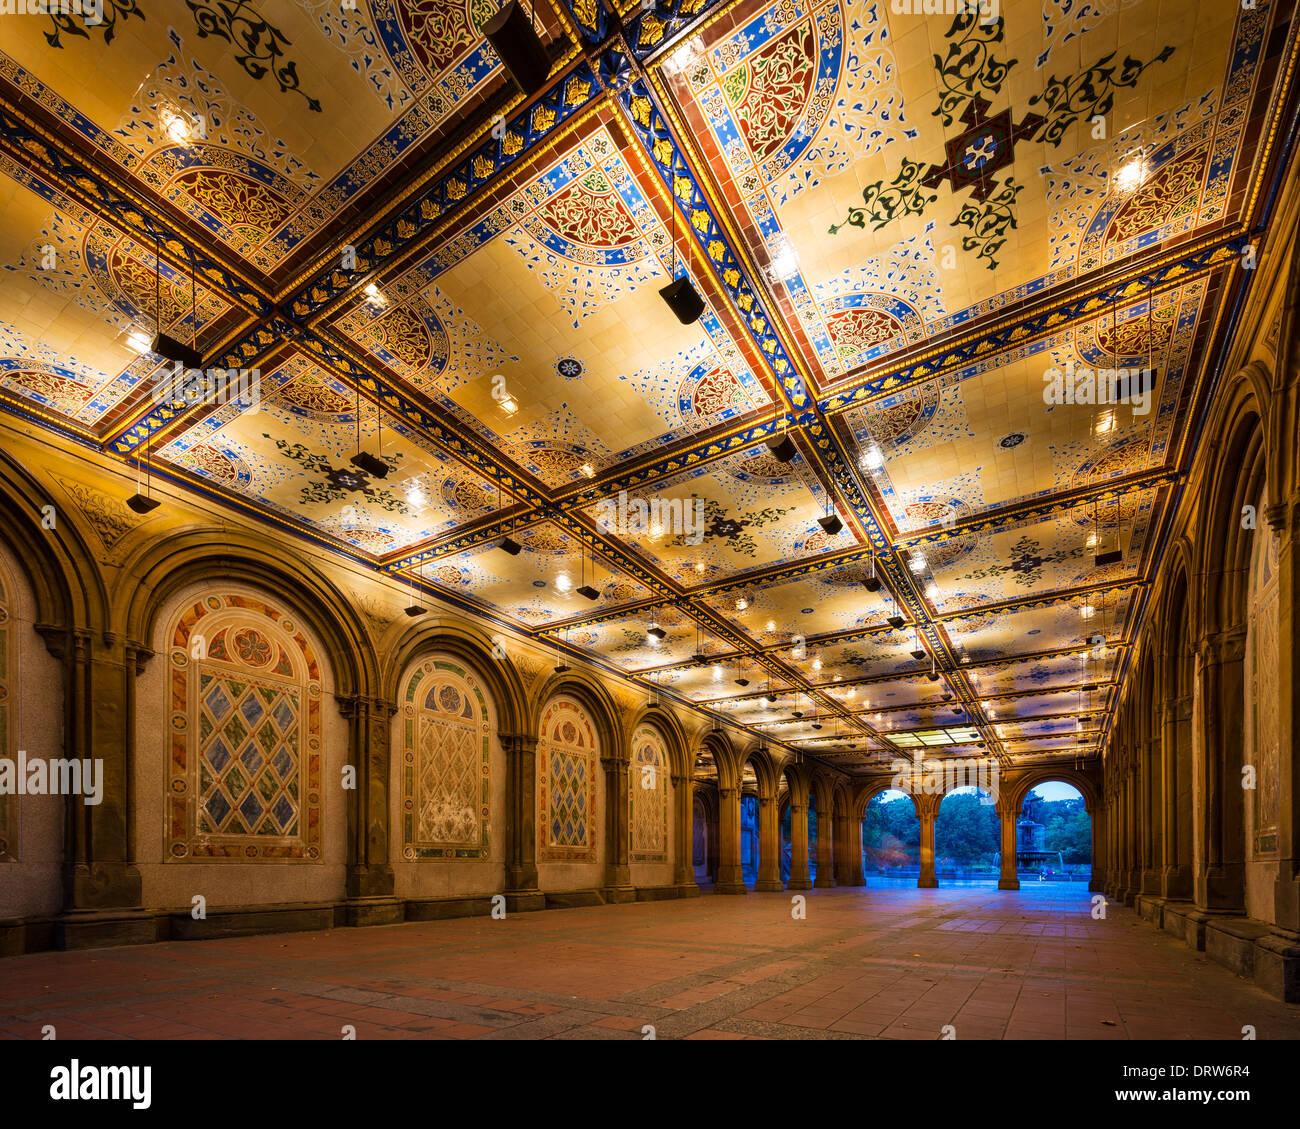 New York City à Bethesda Terrace passage souterrain dans Central Park. Banque D'Images